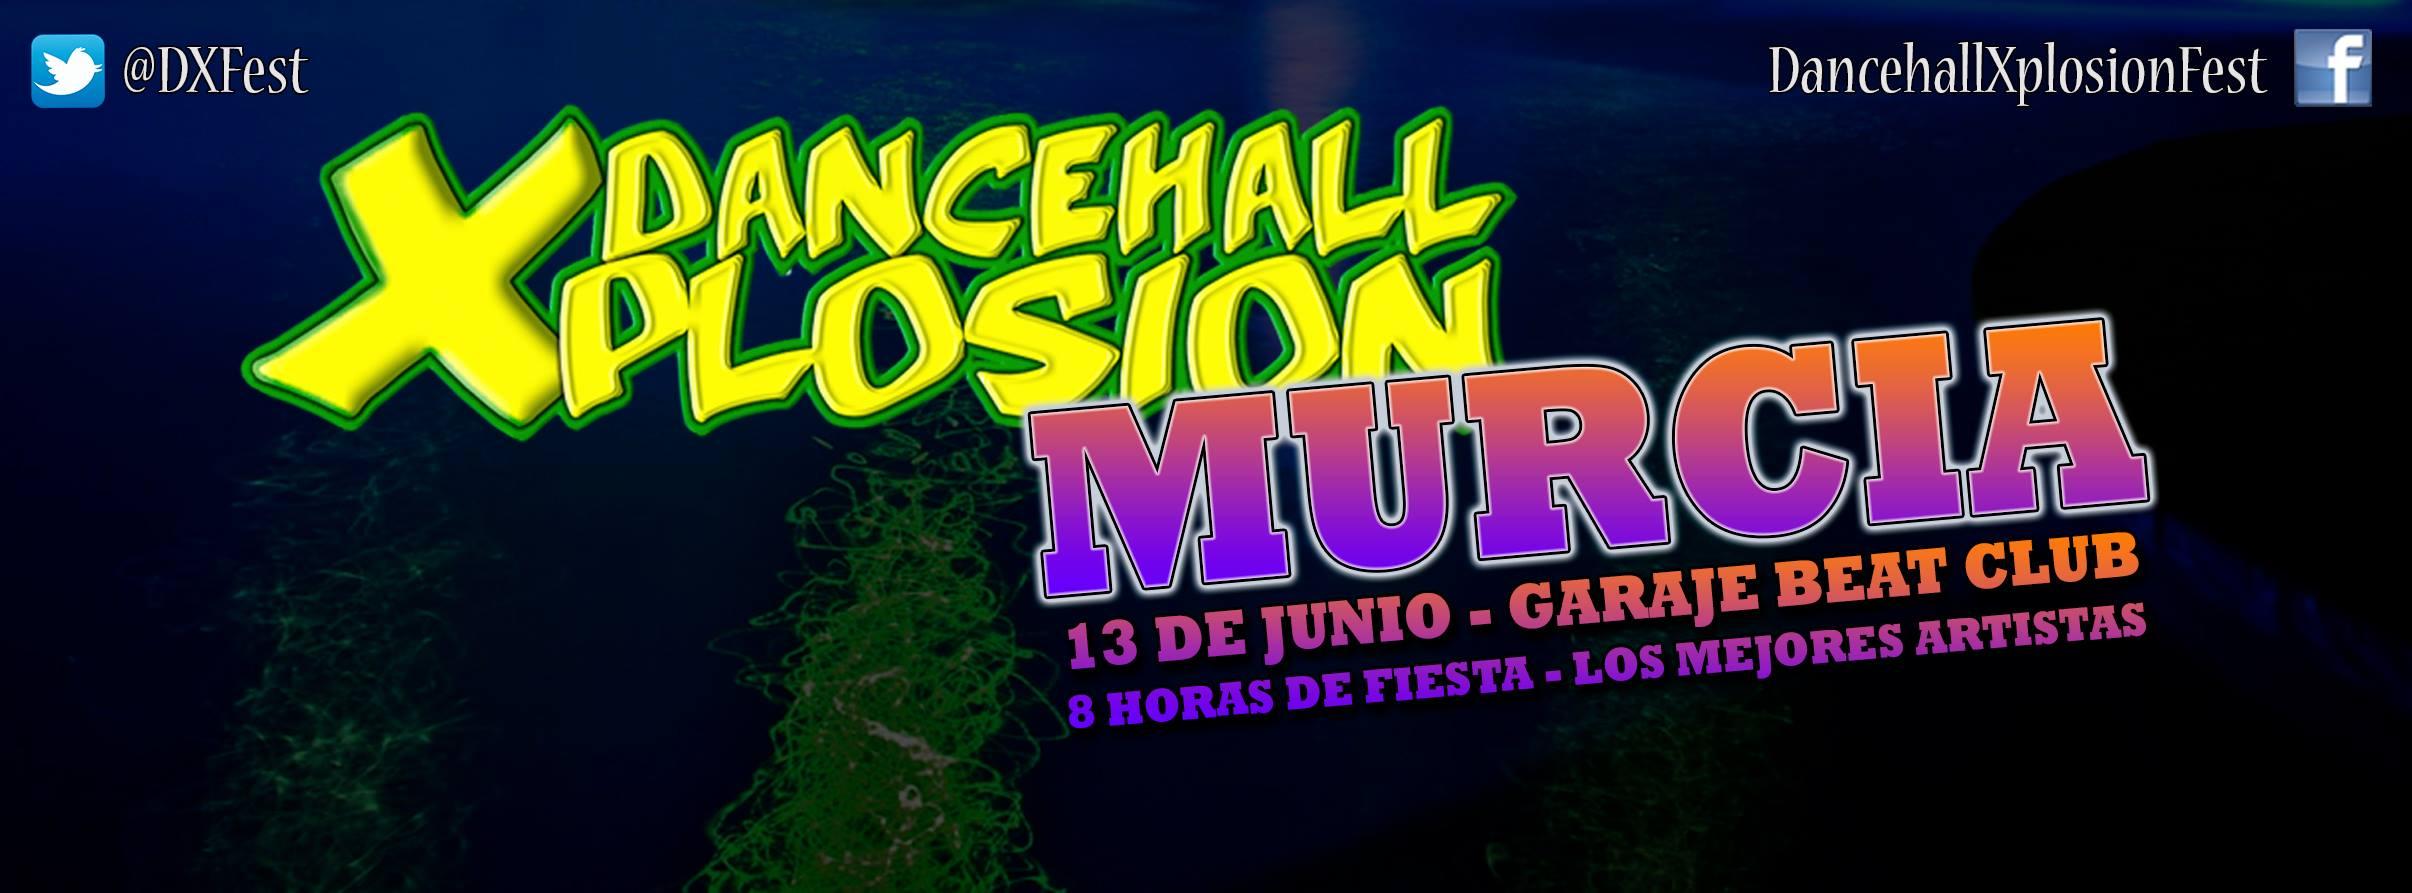 Una nueva edición del Dancehall Xplosion en Murcia